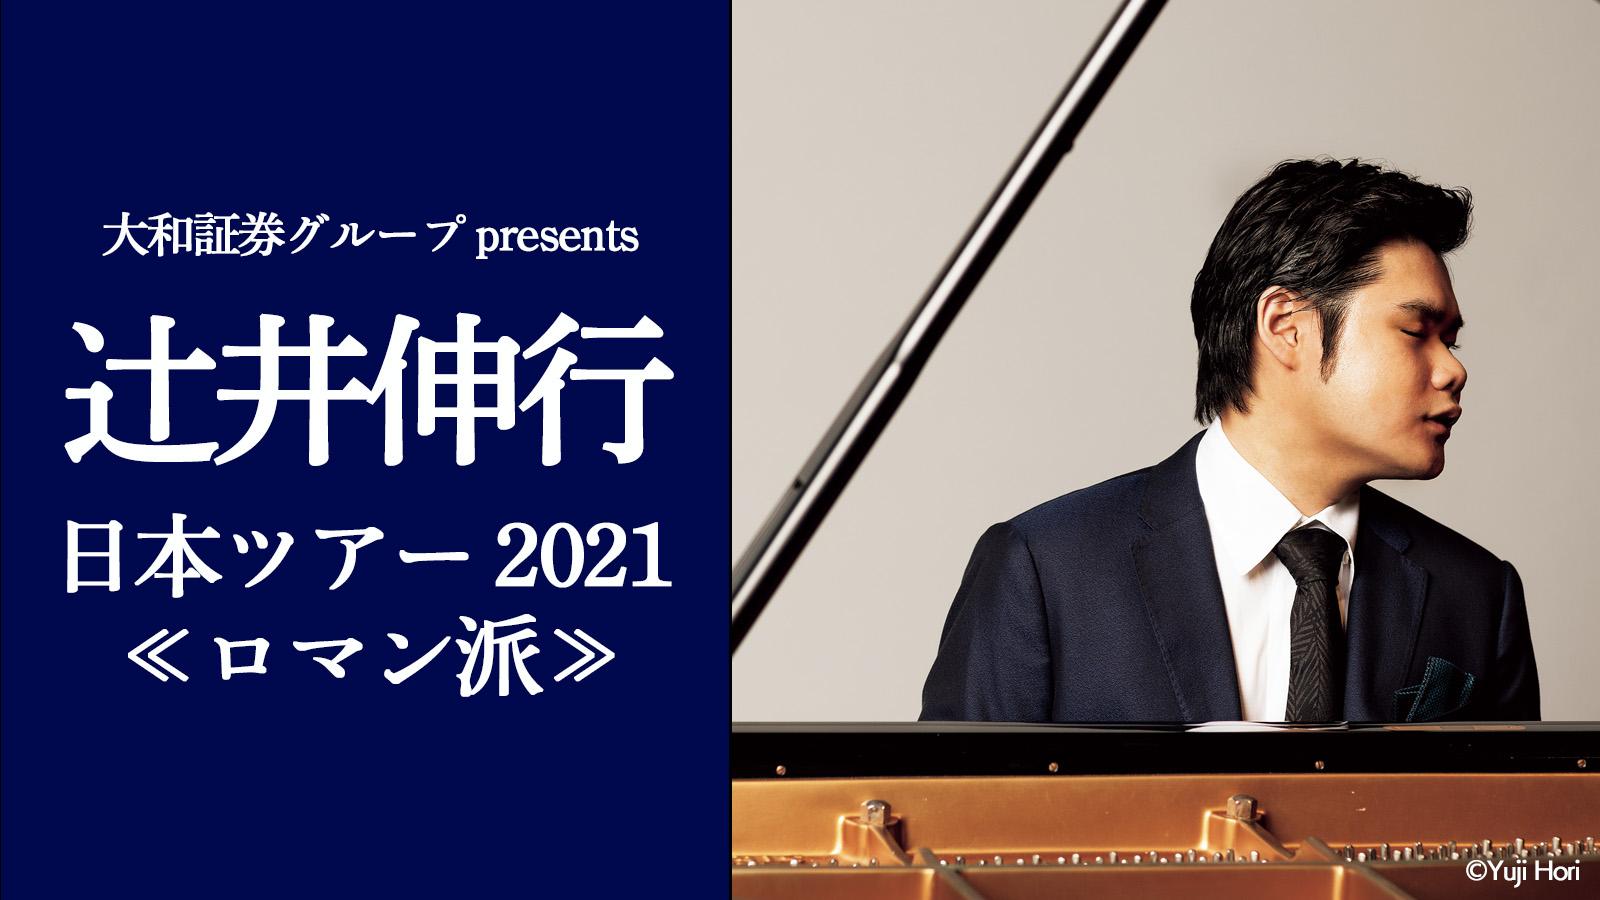 本公演は終了いたしました■ 大和証券グループ presents 辻井伸行 日本ツアー 2021 ≪ロマン派≫